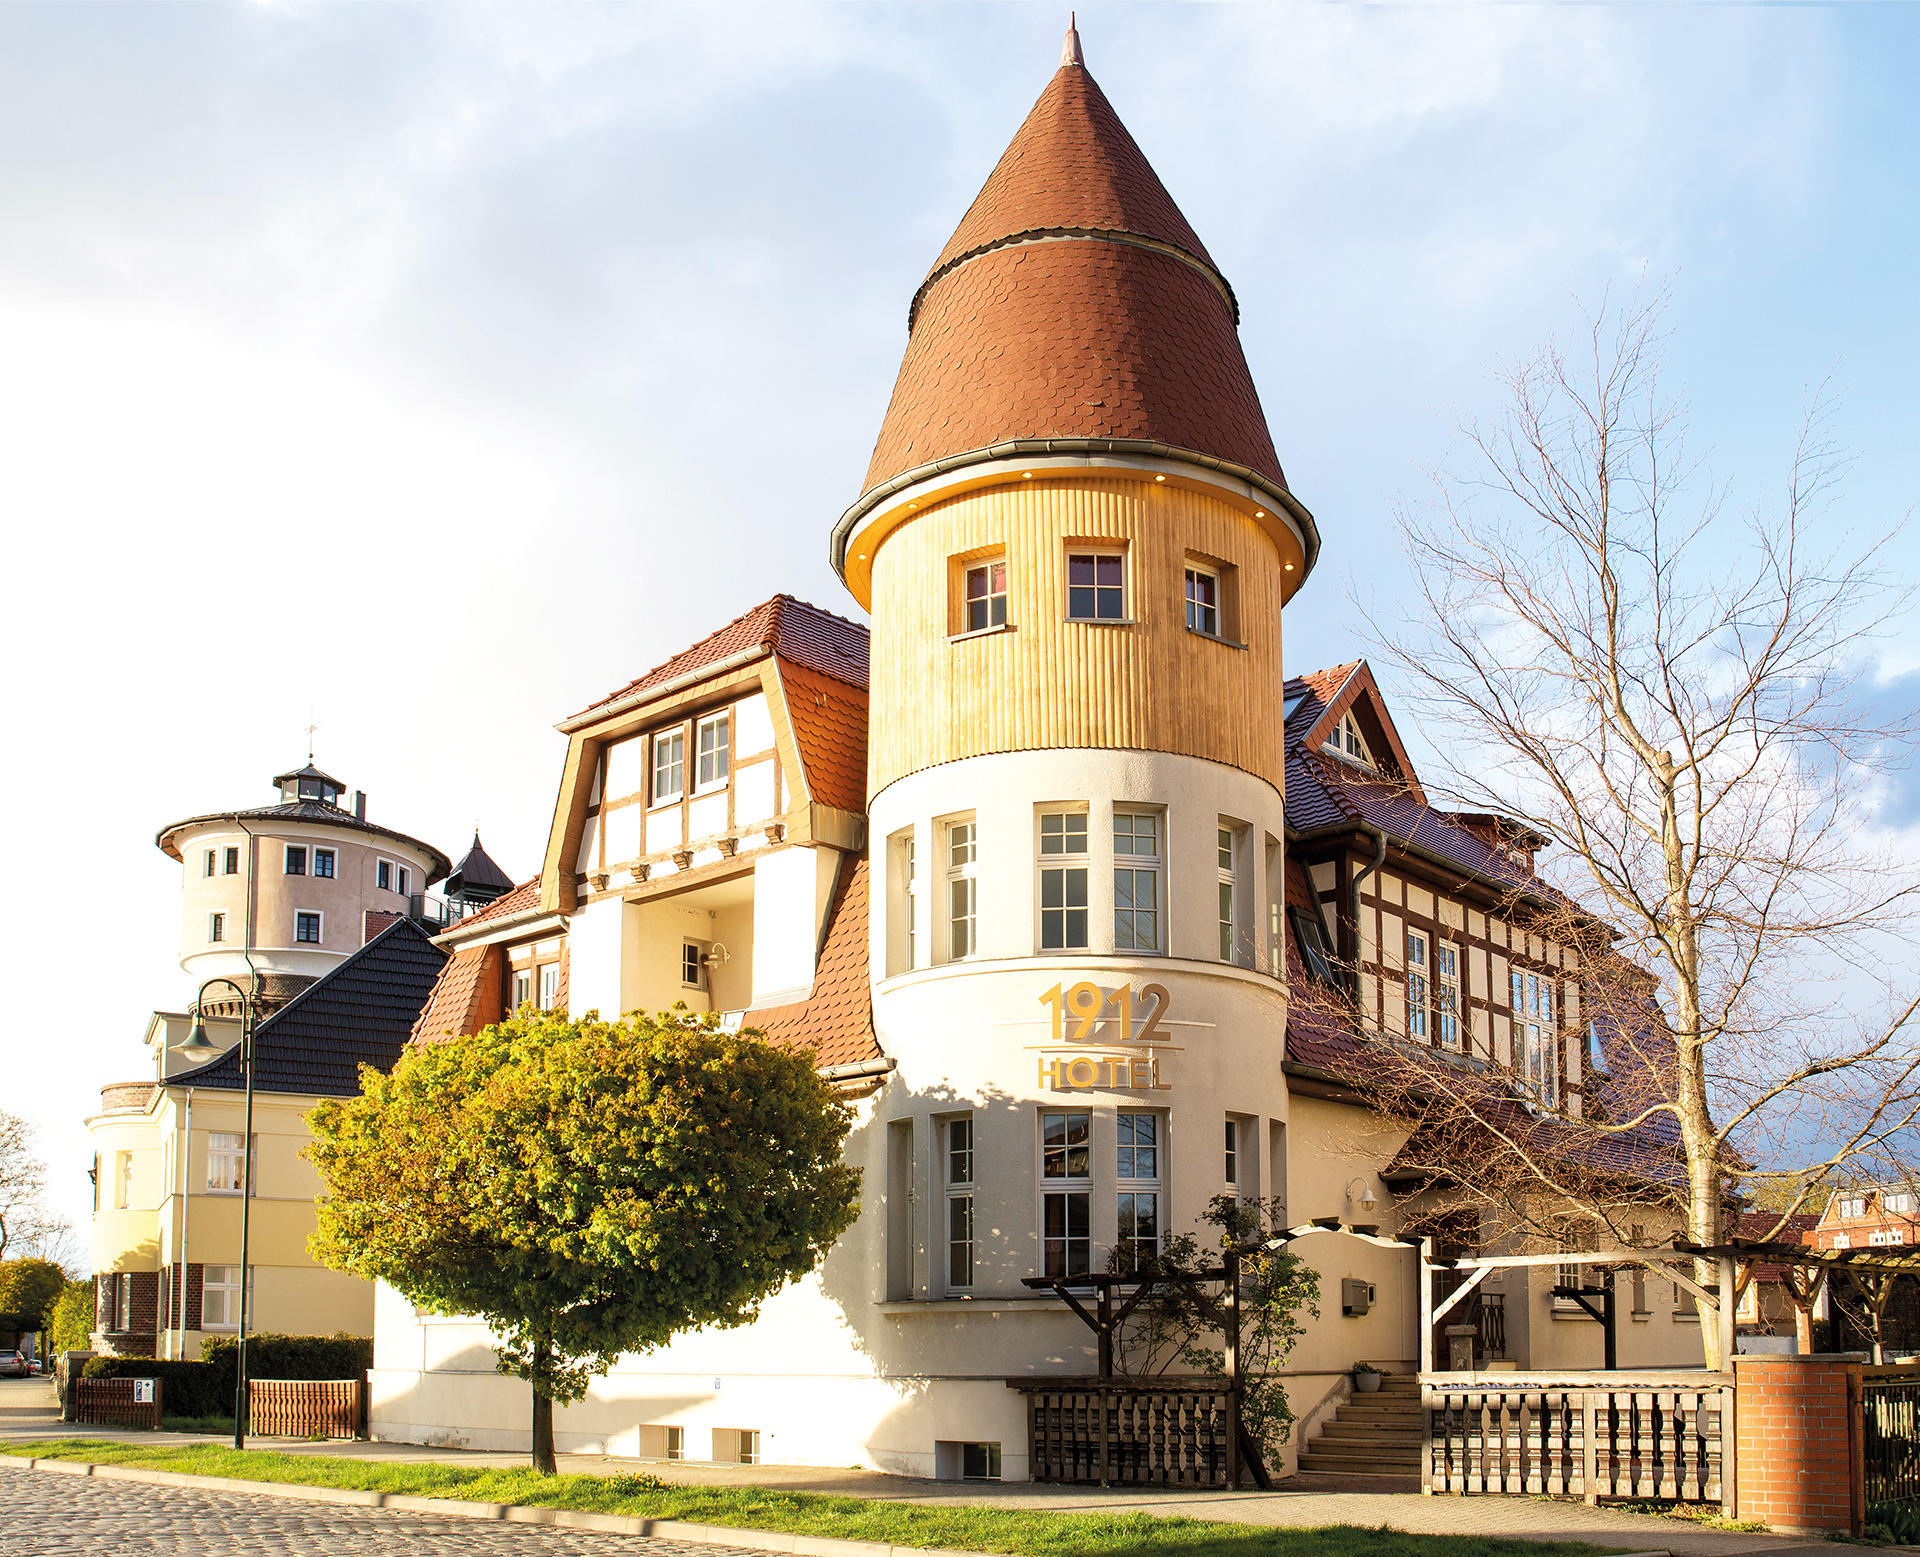 1912 Hotel | Speisesaal - Angermünde